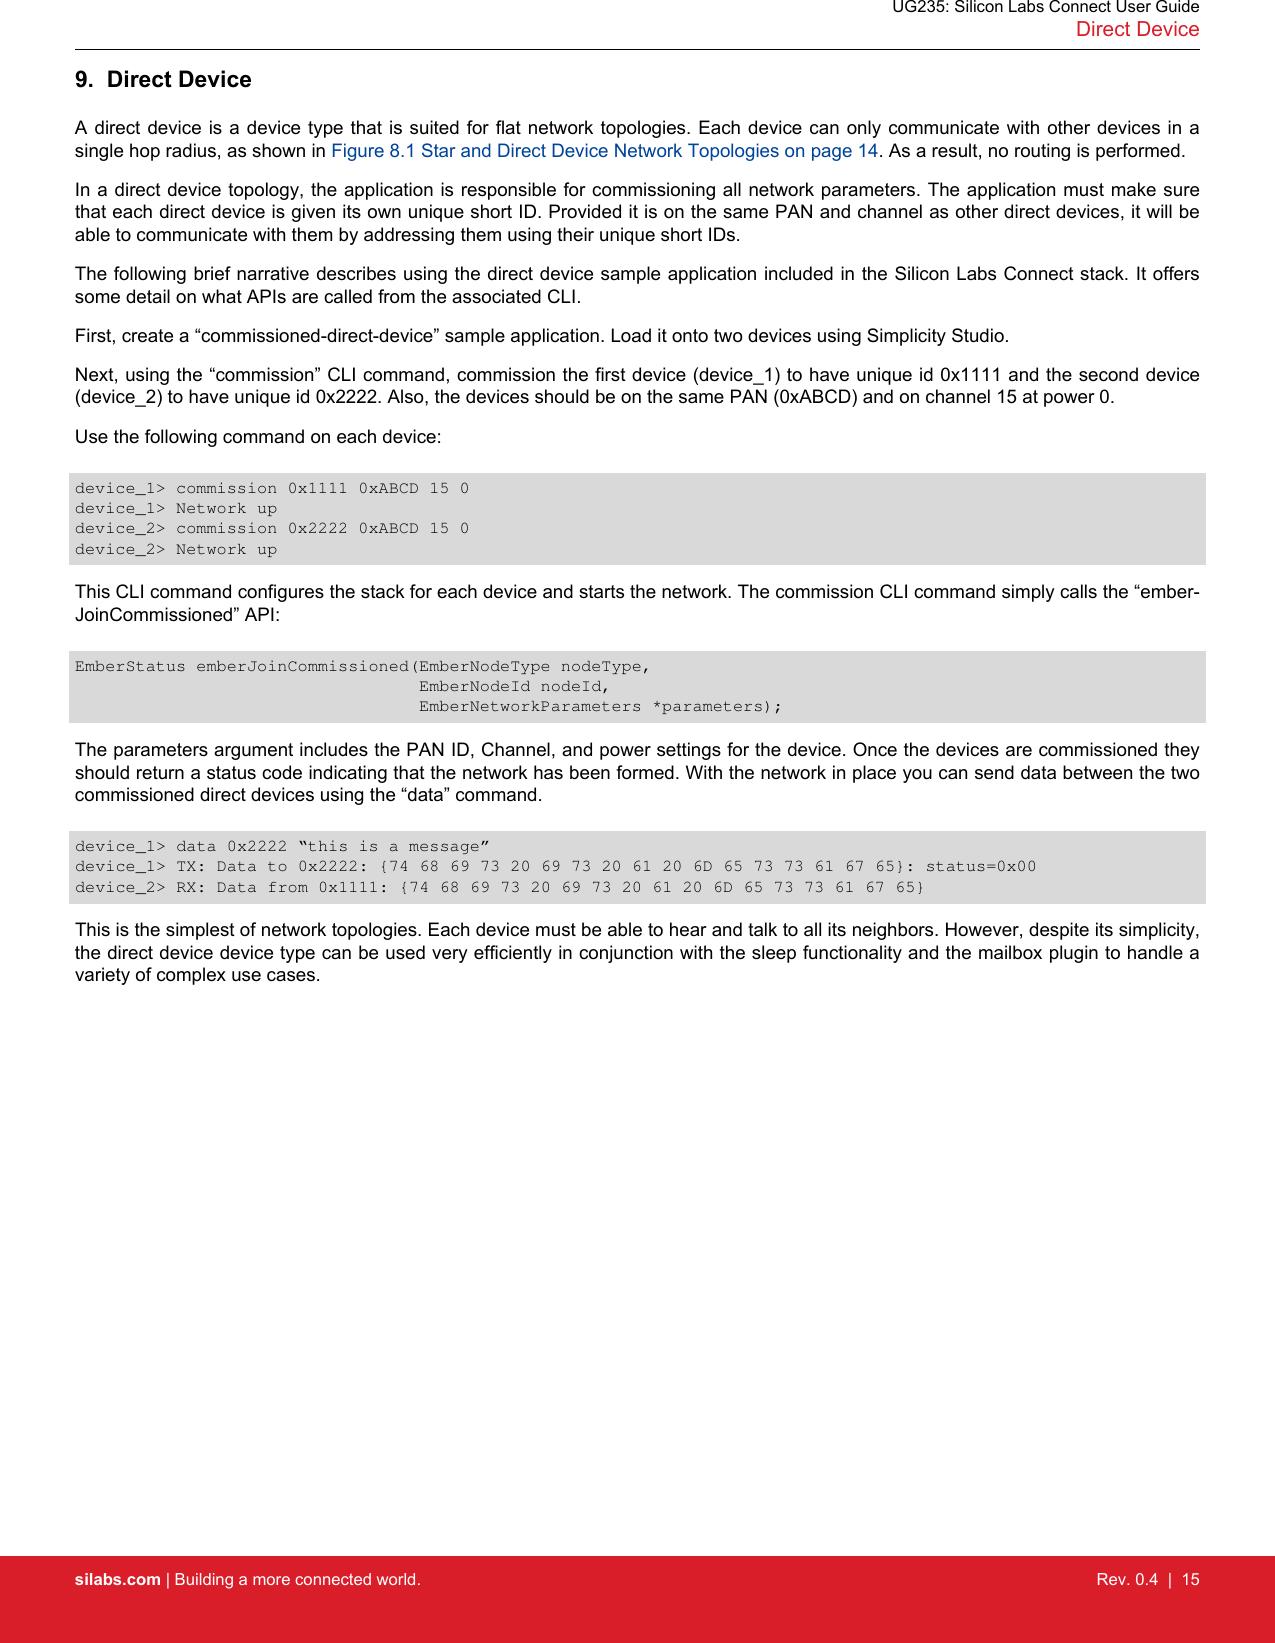 UG235: Silicon Labs Connect User Guide Ug235